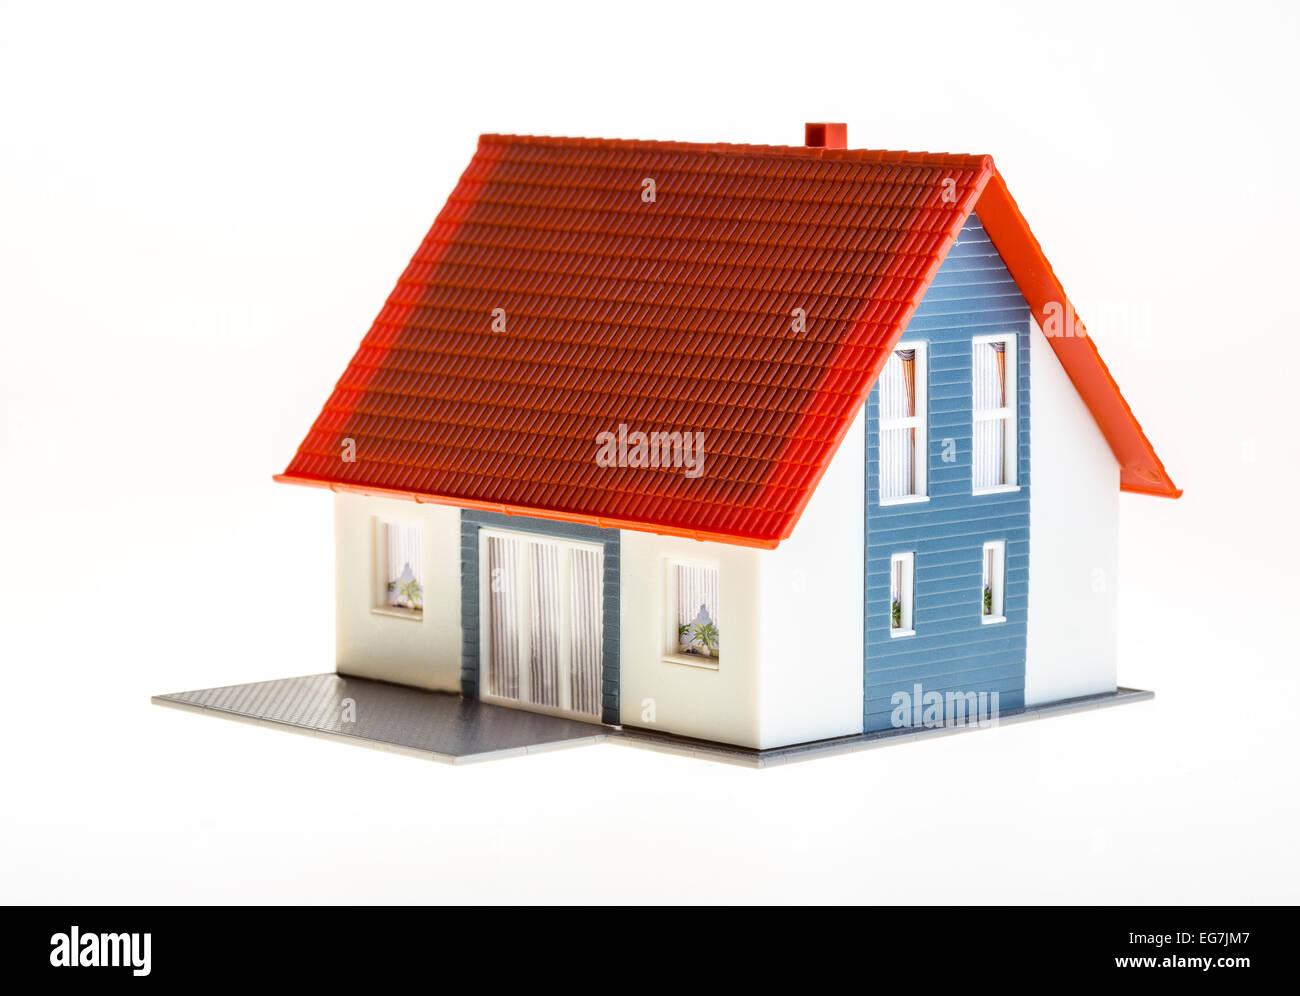 Image symbolique, home, maison, immobilier, maison, modèle en plastique Photo Stock